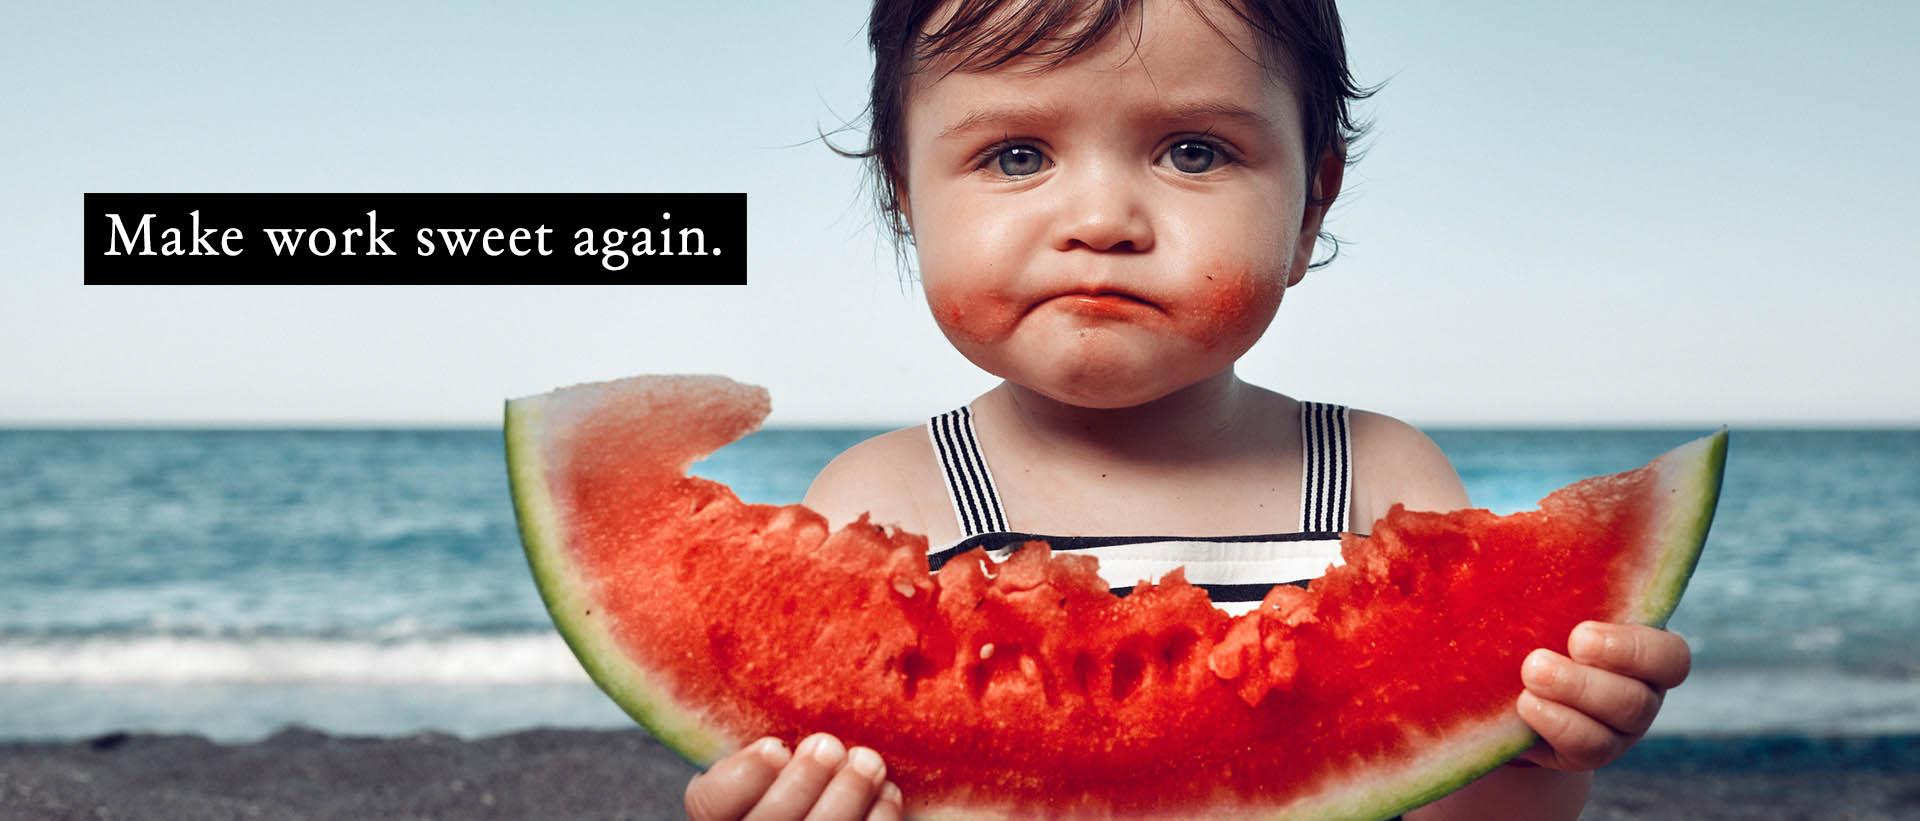 watermelon2.jpg